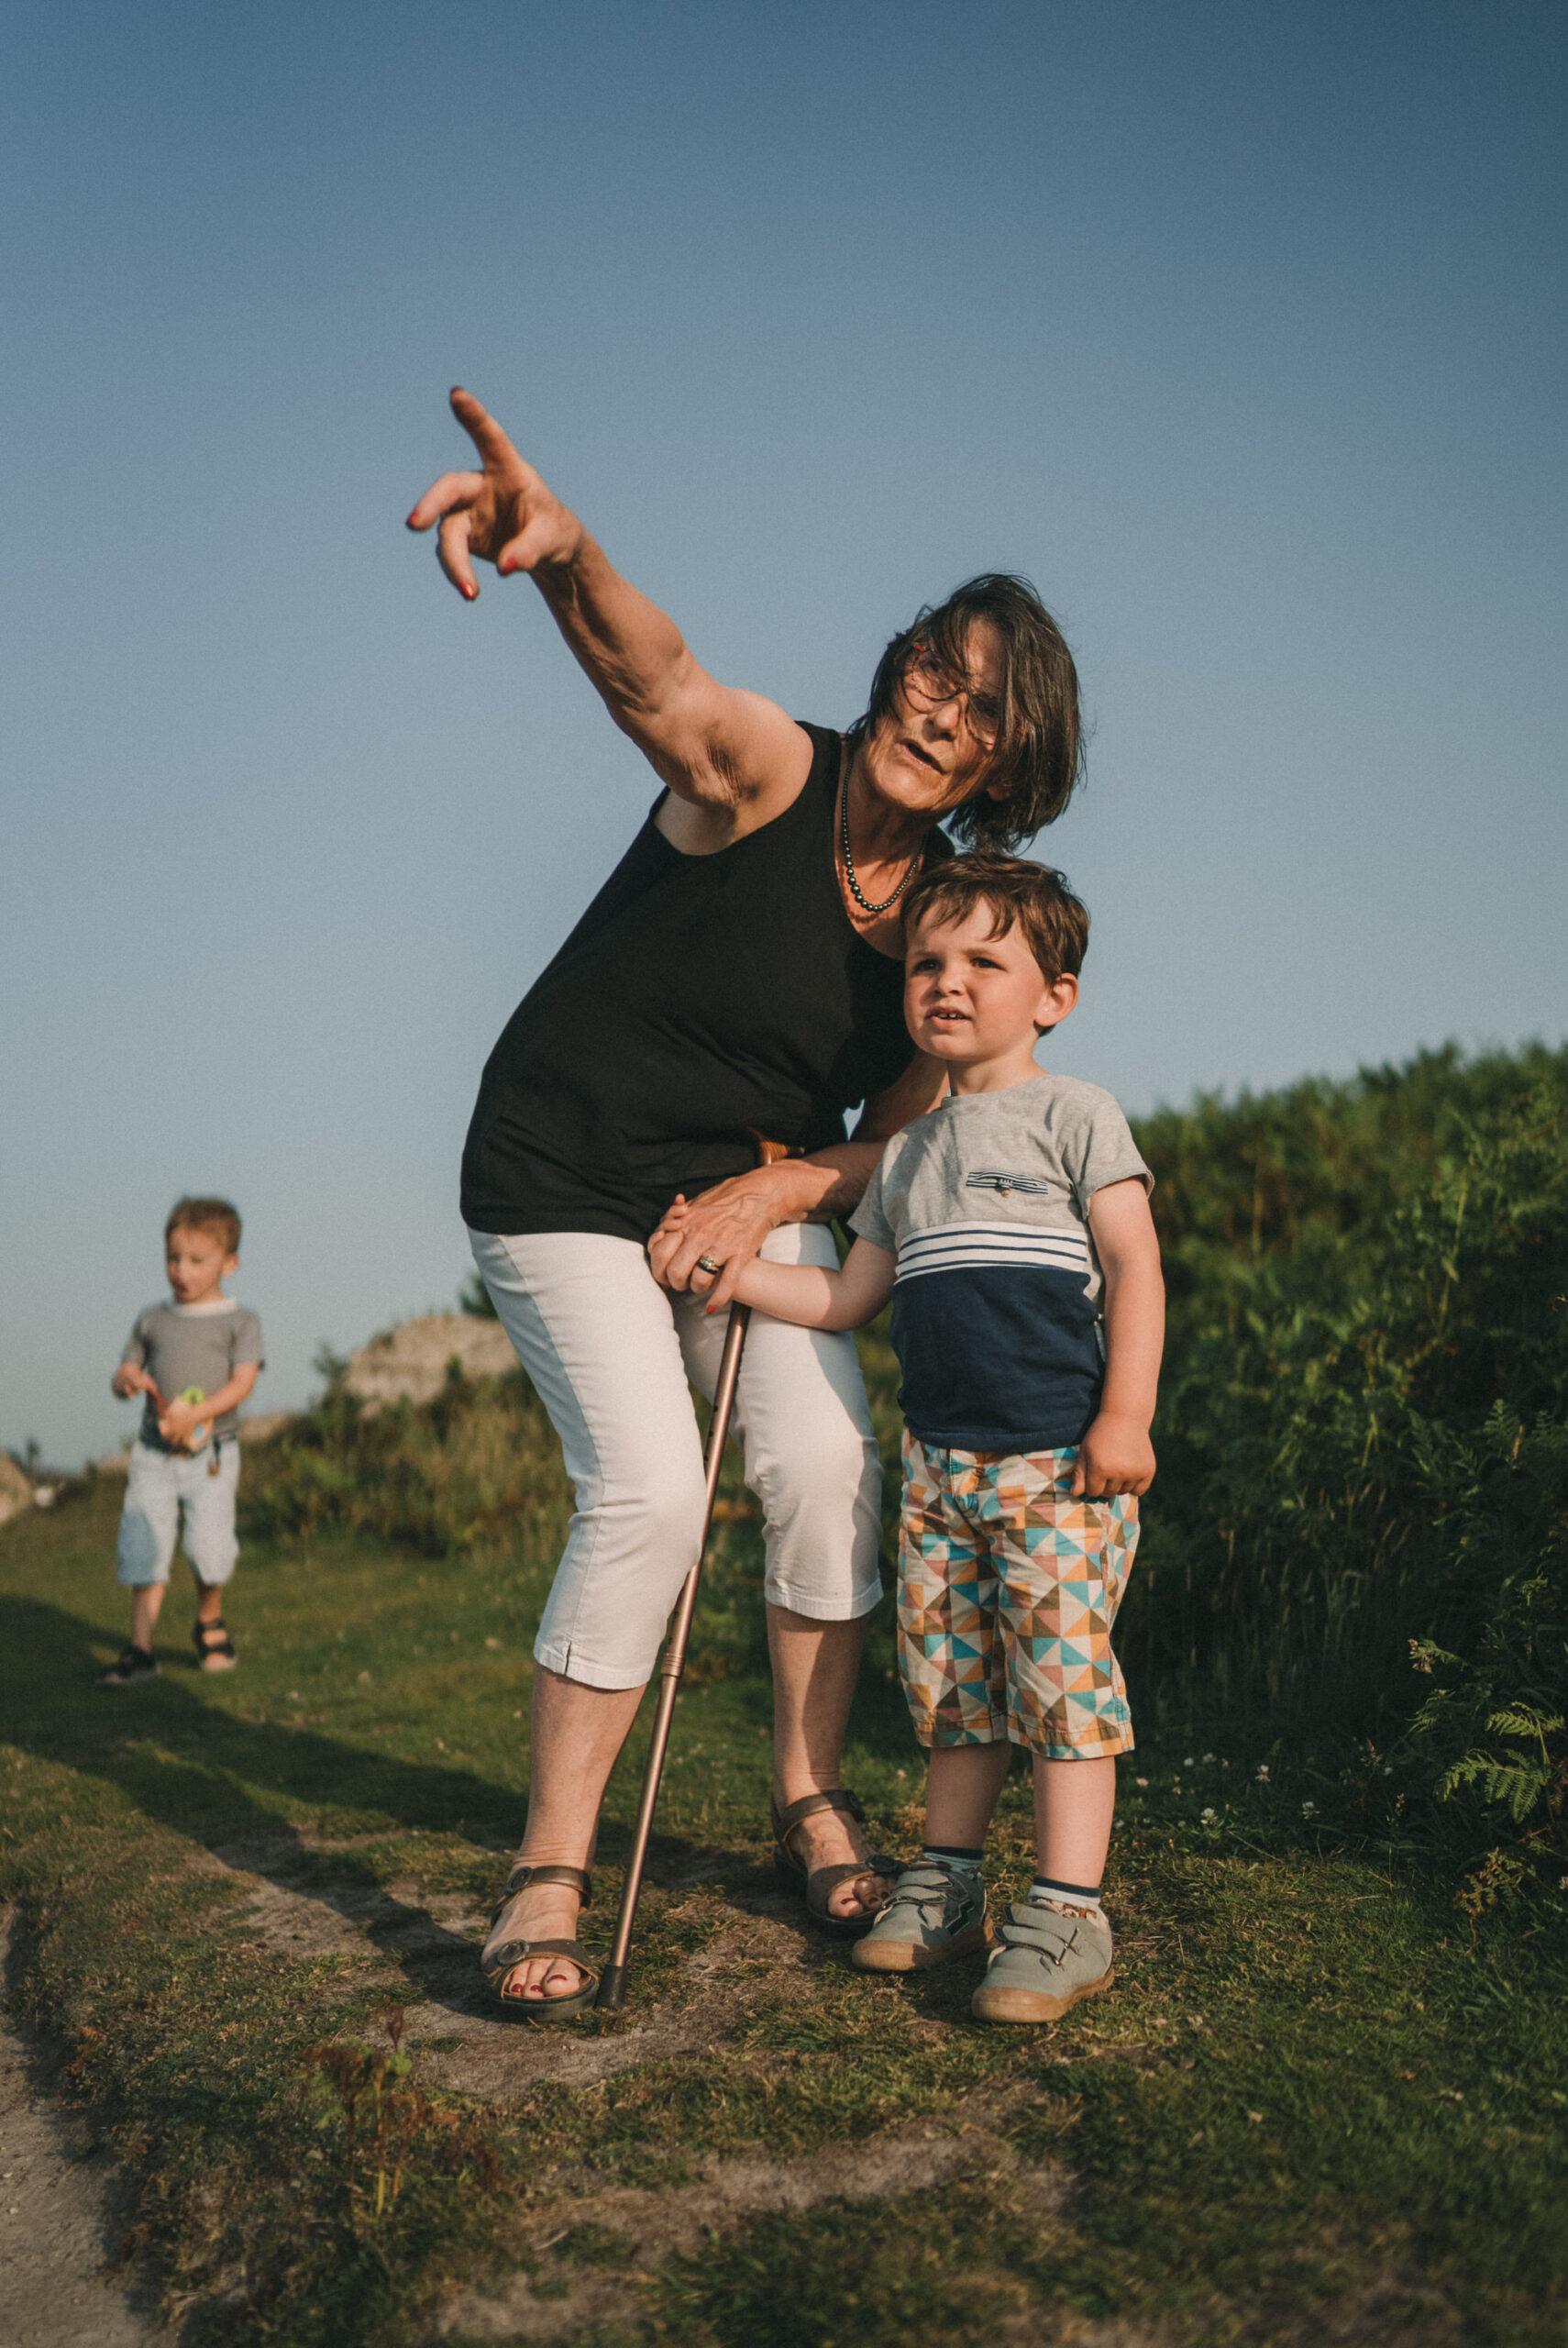 2021.07.20 Photo De Famille A Porspoder En Bretagne Par Antoine Borzeix 52 Scaled, Photographe & Videaste à Brest / Finistère